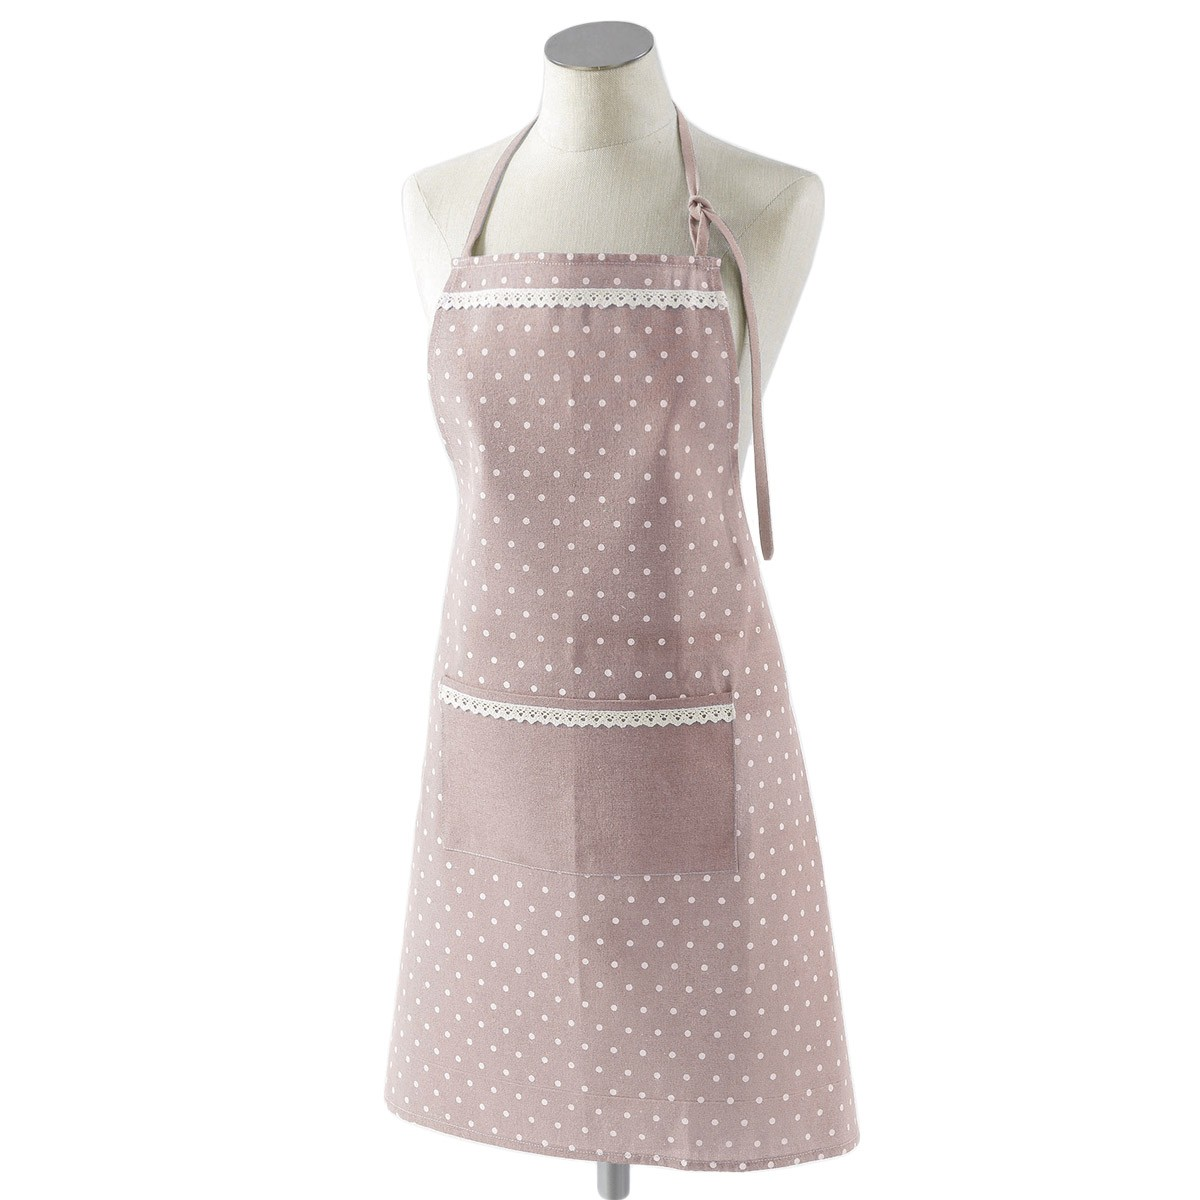 Ποδιά Κουζίνας Alicia Pink/White 3002750